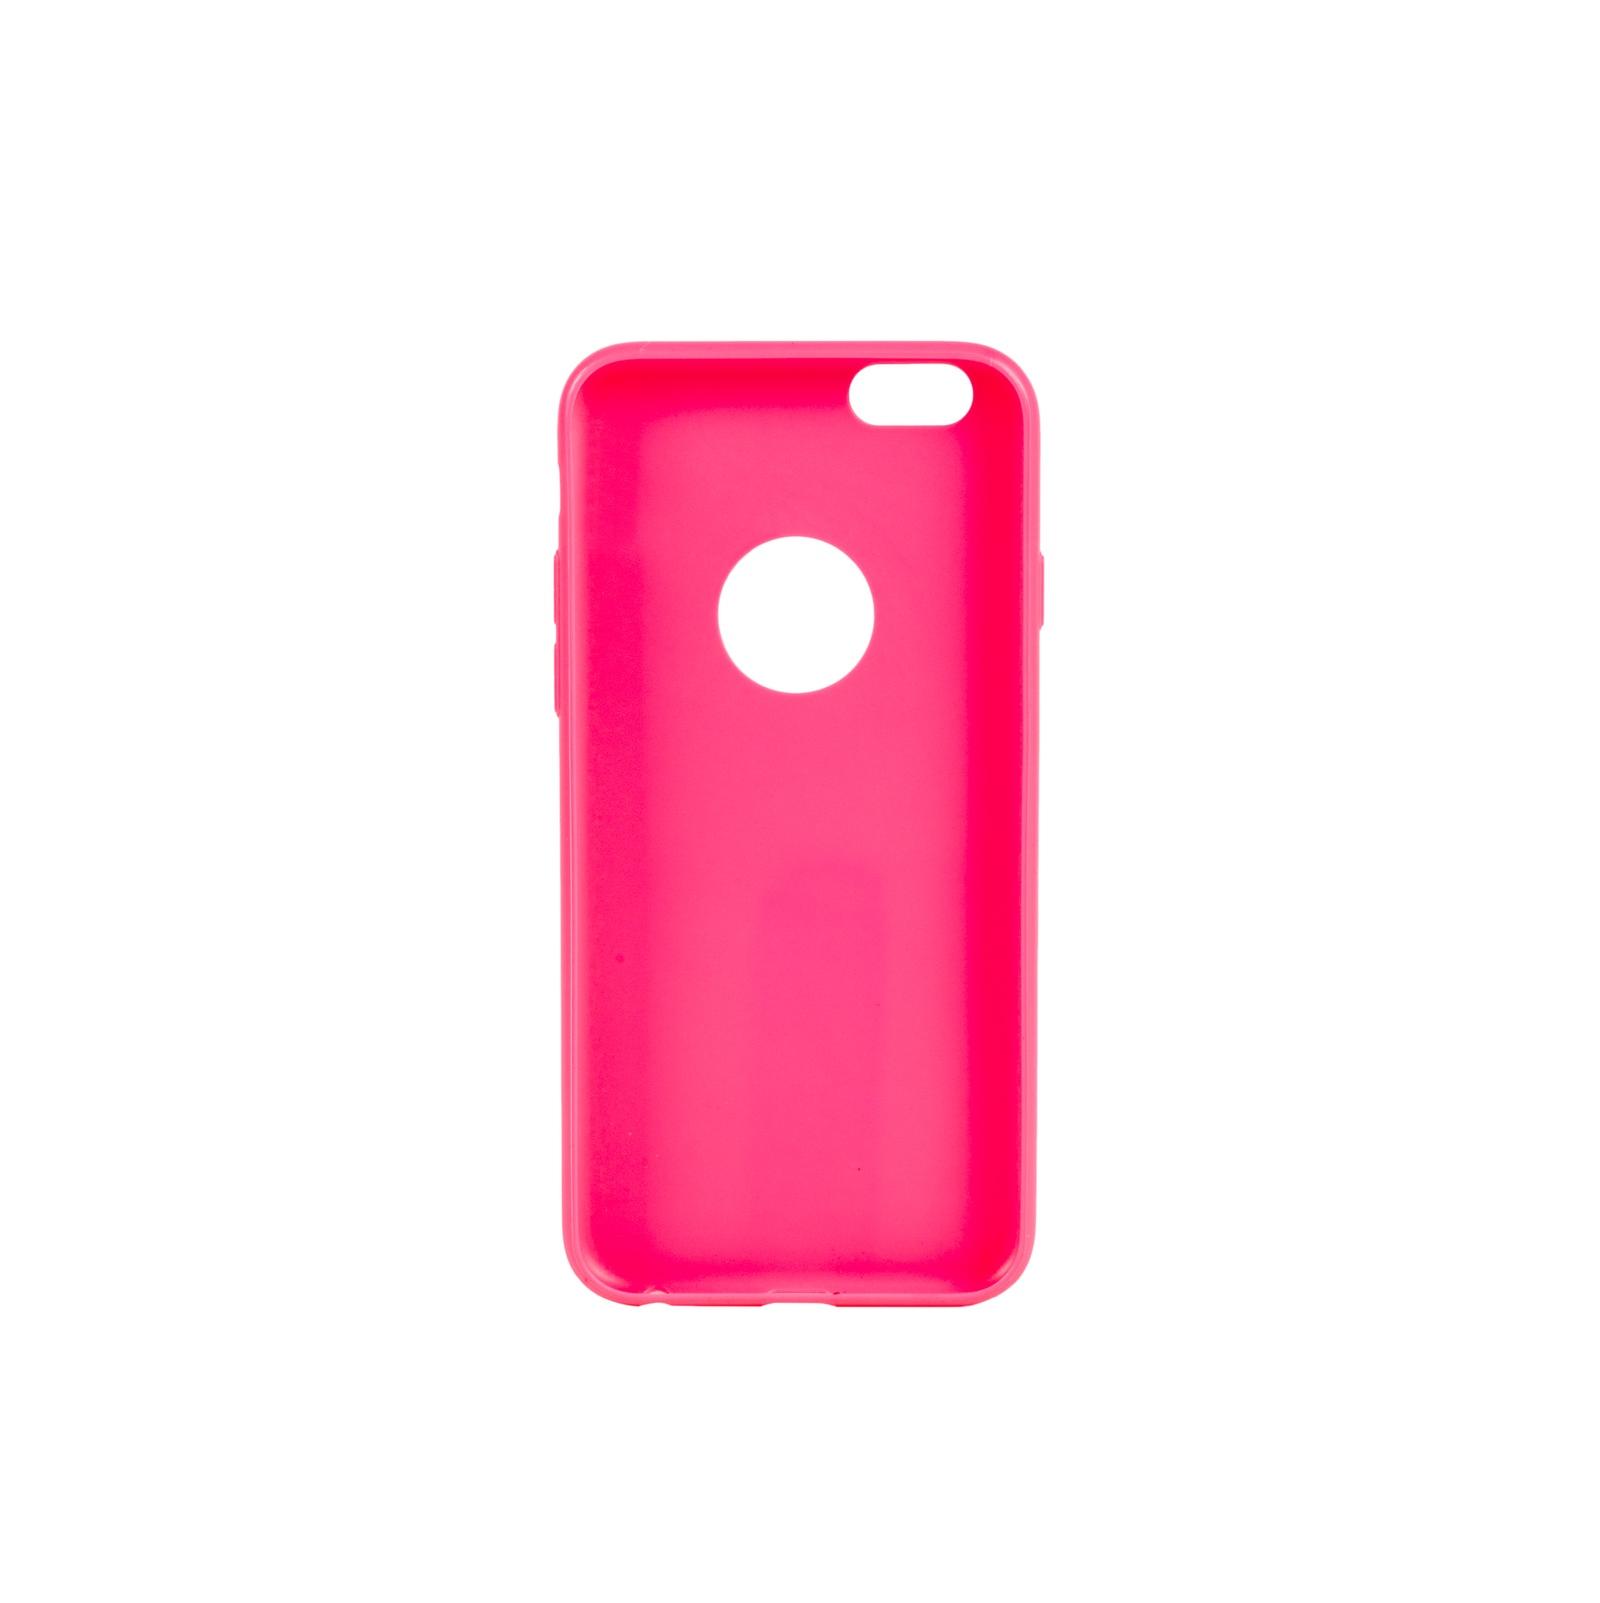 Чехол для сотового телефона REMAX iPhone 6/6S, 4627104427203, розовый все цены